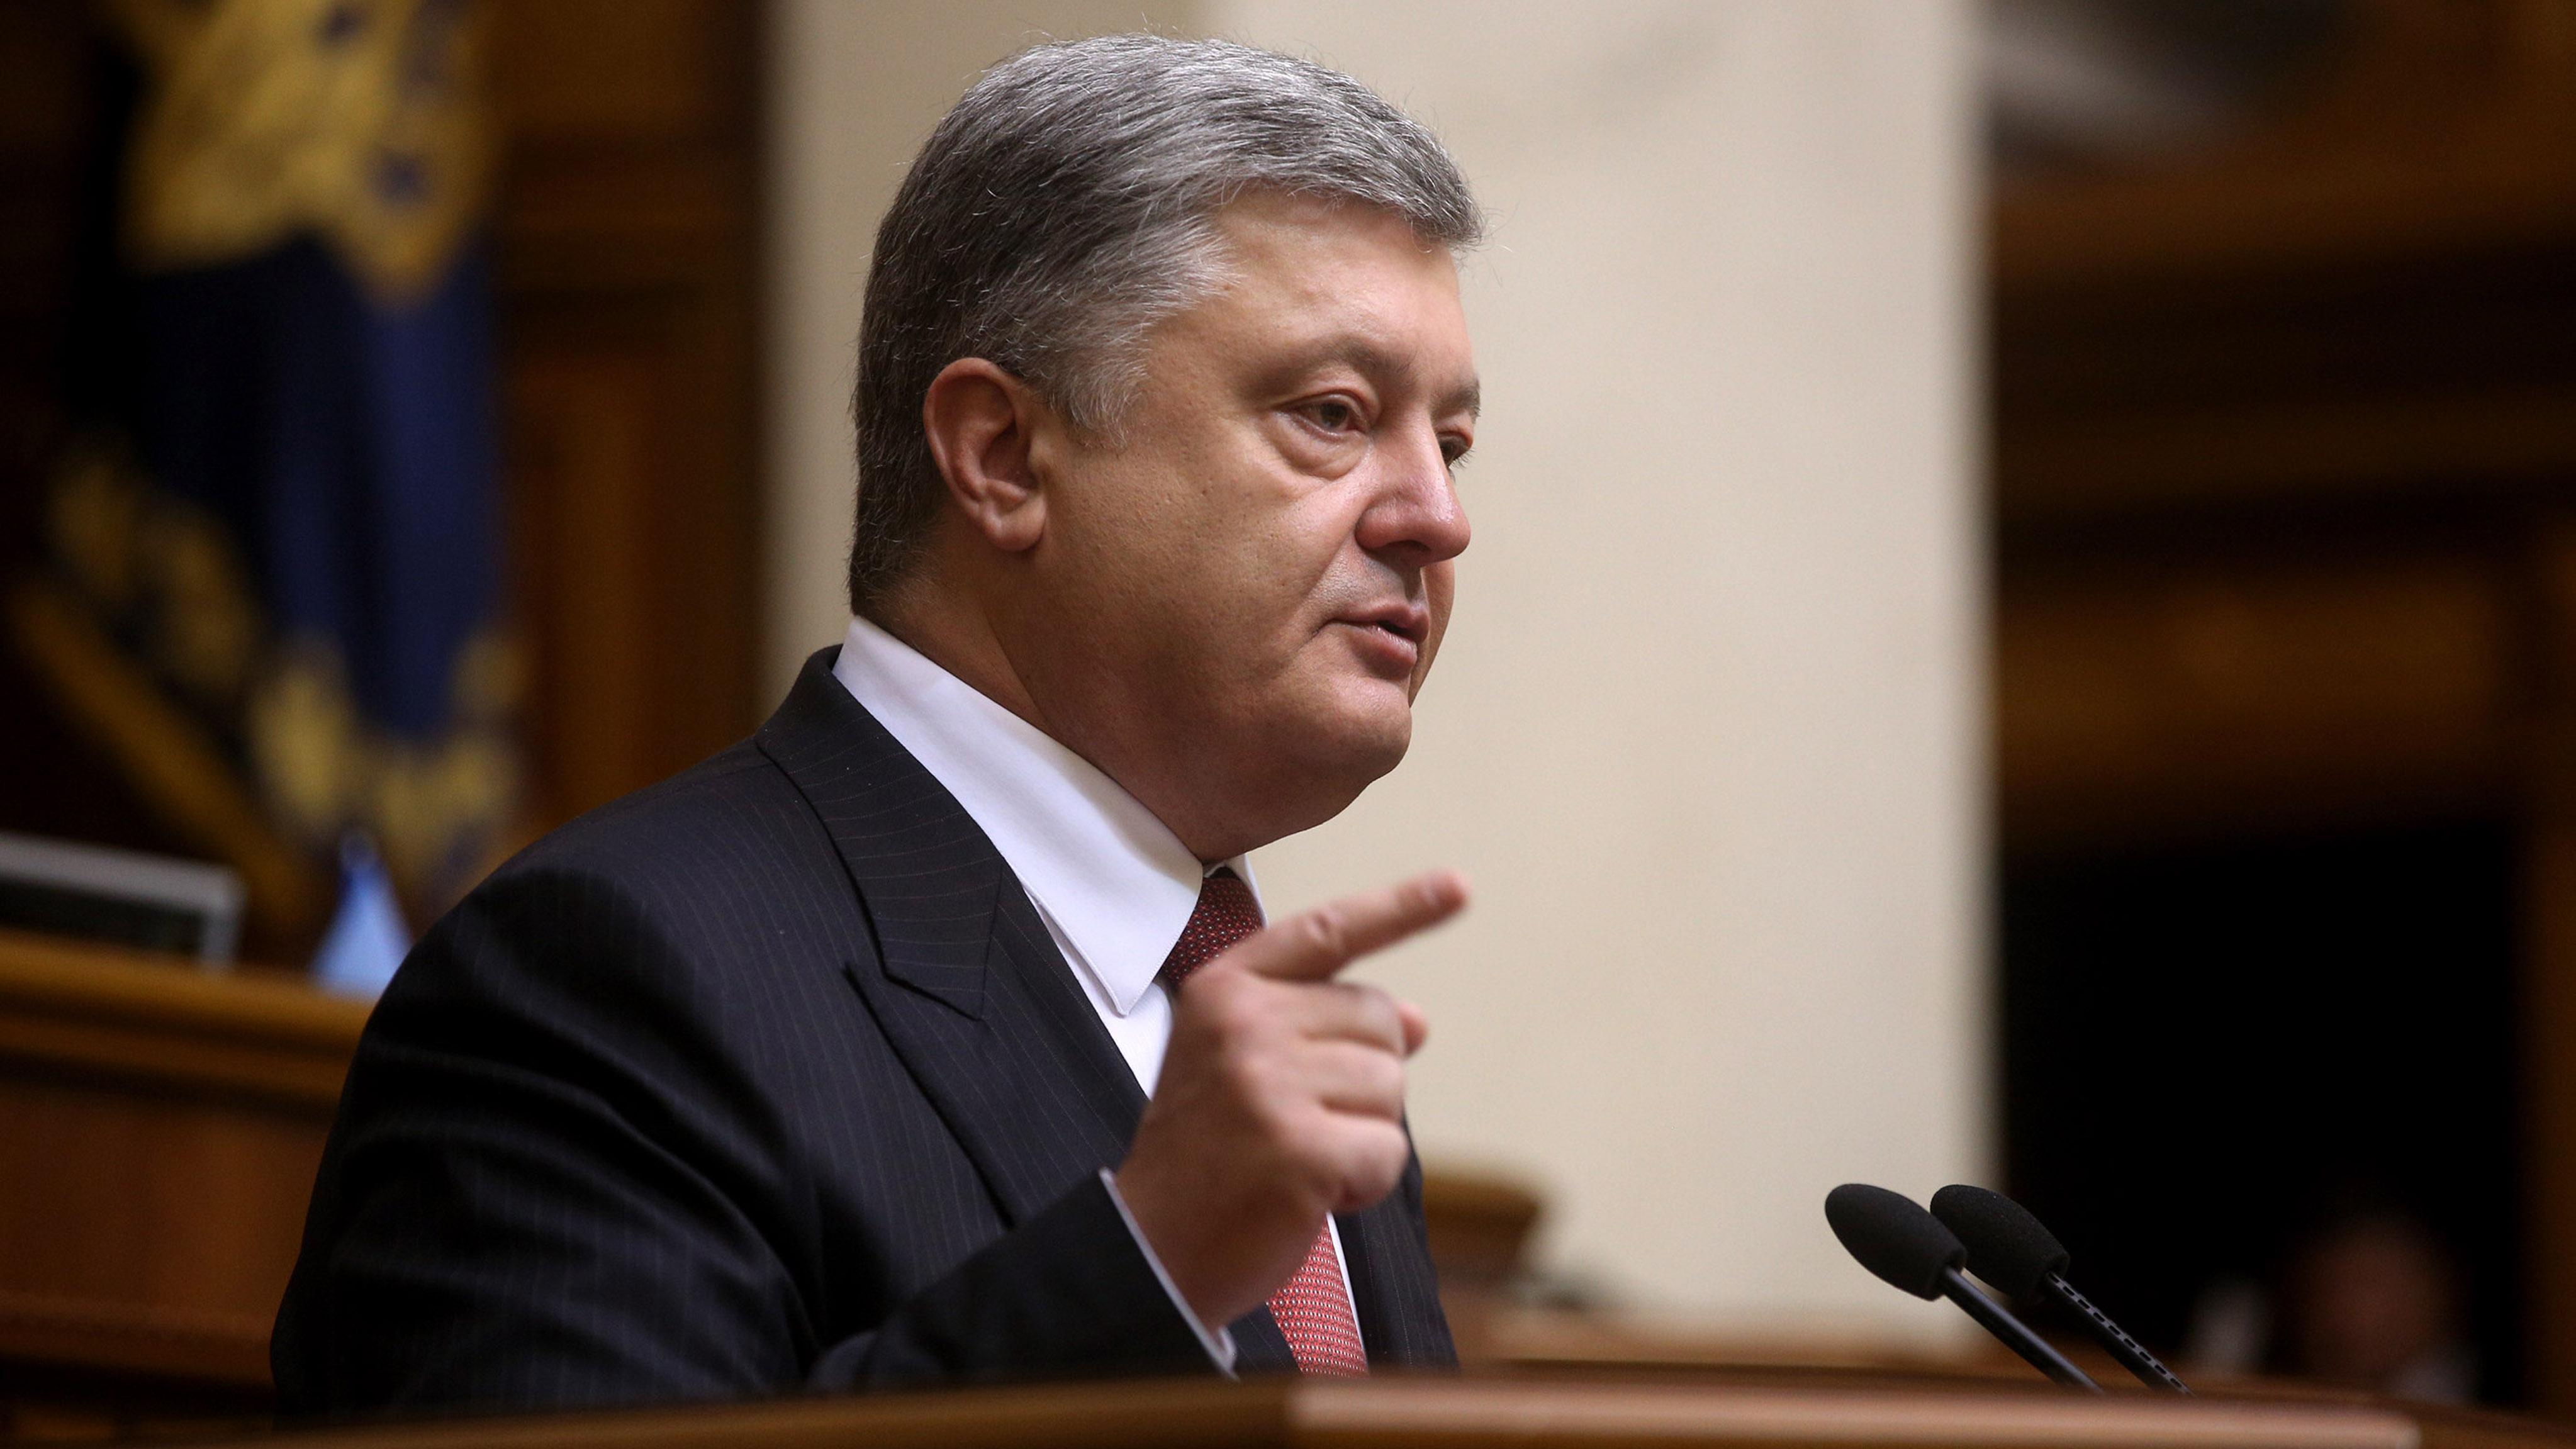 Готовы клюбому сценарию: Порошенко решил усилить украинскую группировку вДонбассе